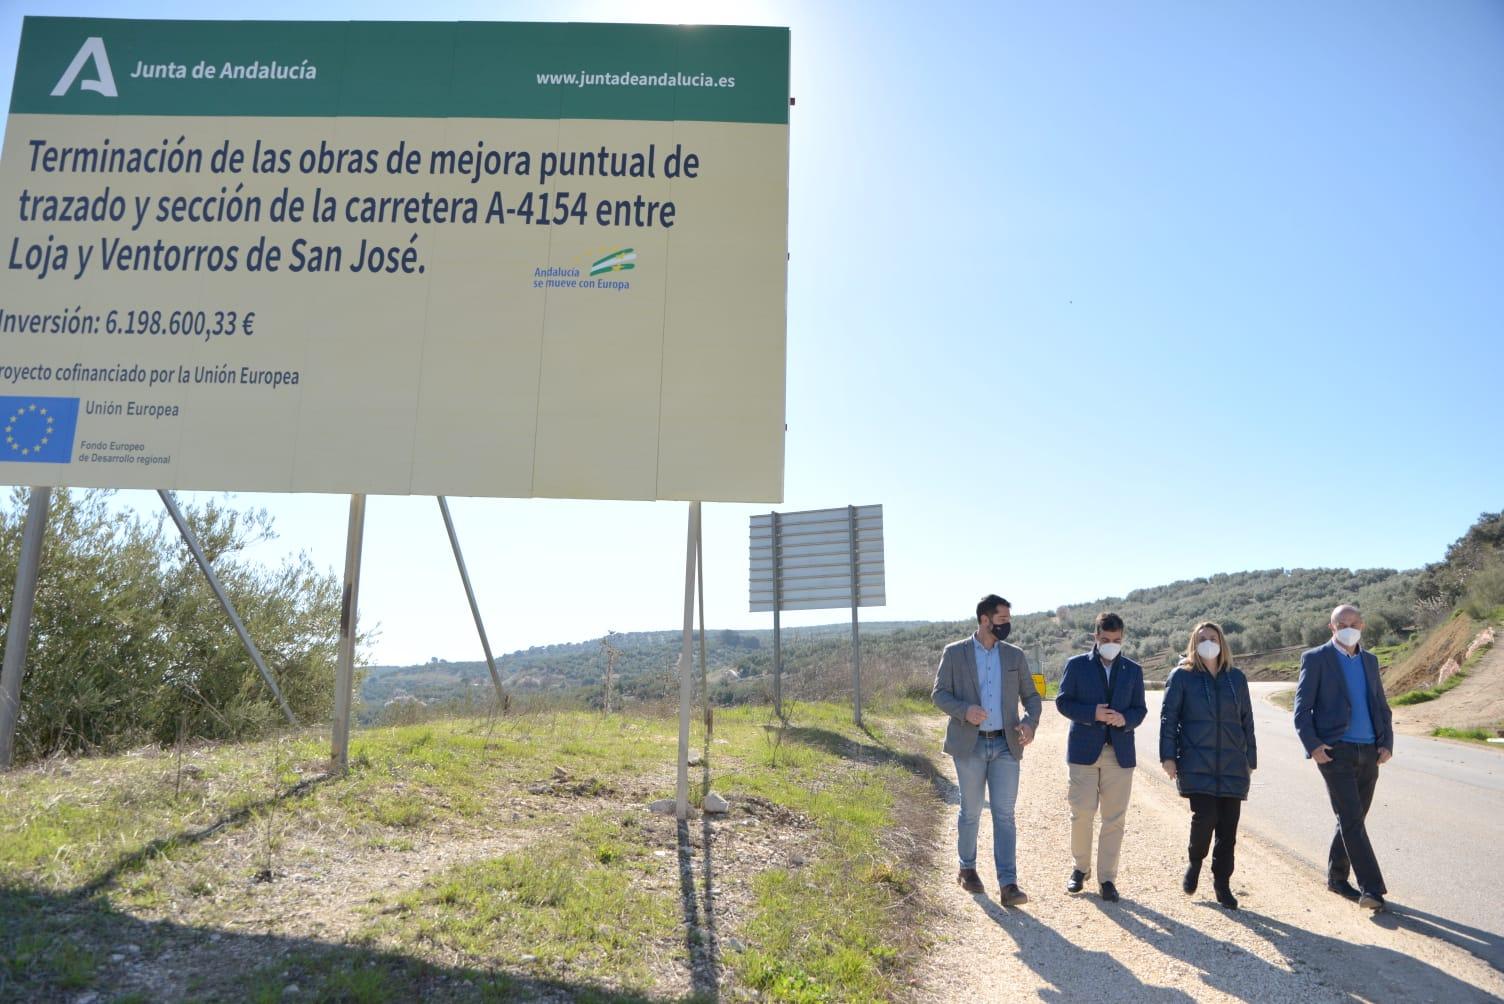 Arranca la mejora de la carretera entre Loja y Ventorros con una inversión de 8,2 millones